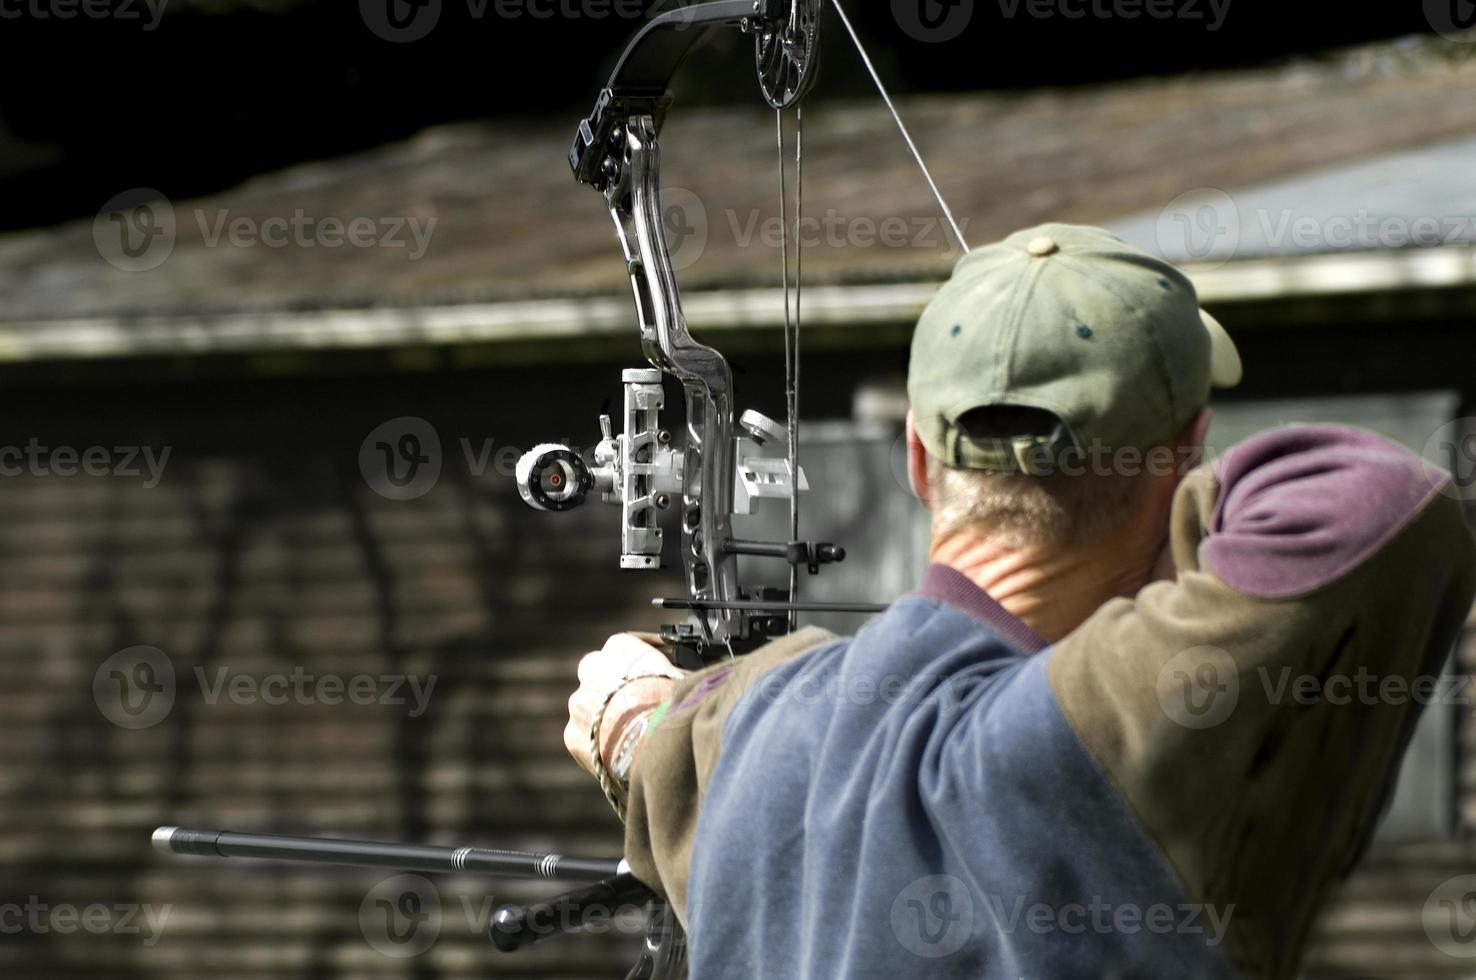 la espalda de un arquero a punto de disparar su arco y flecha foto